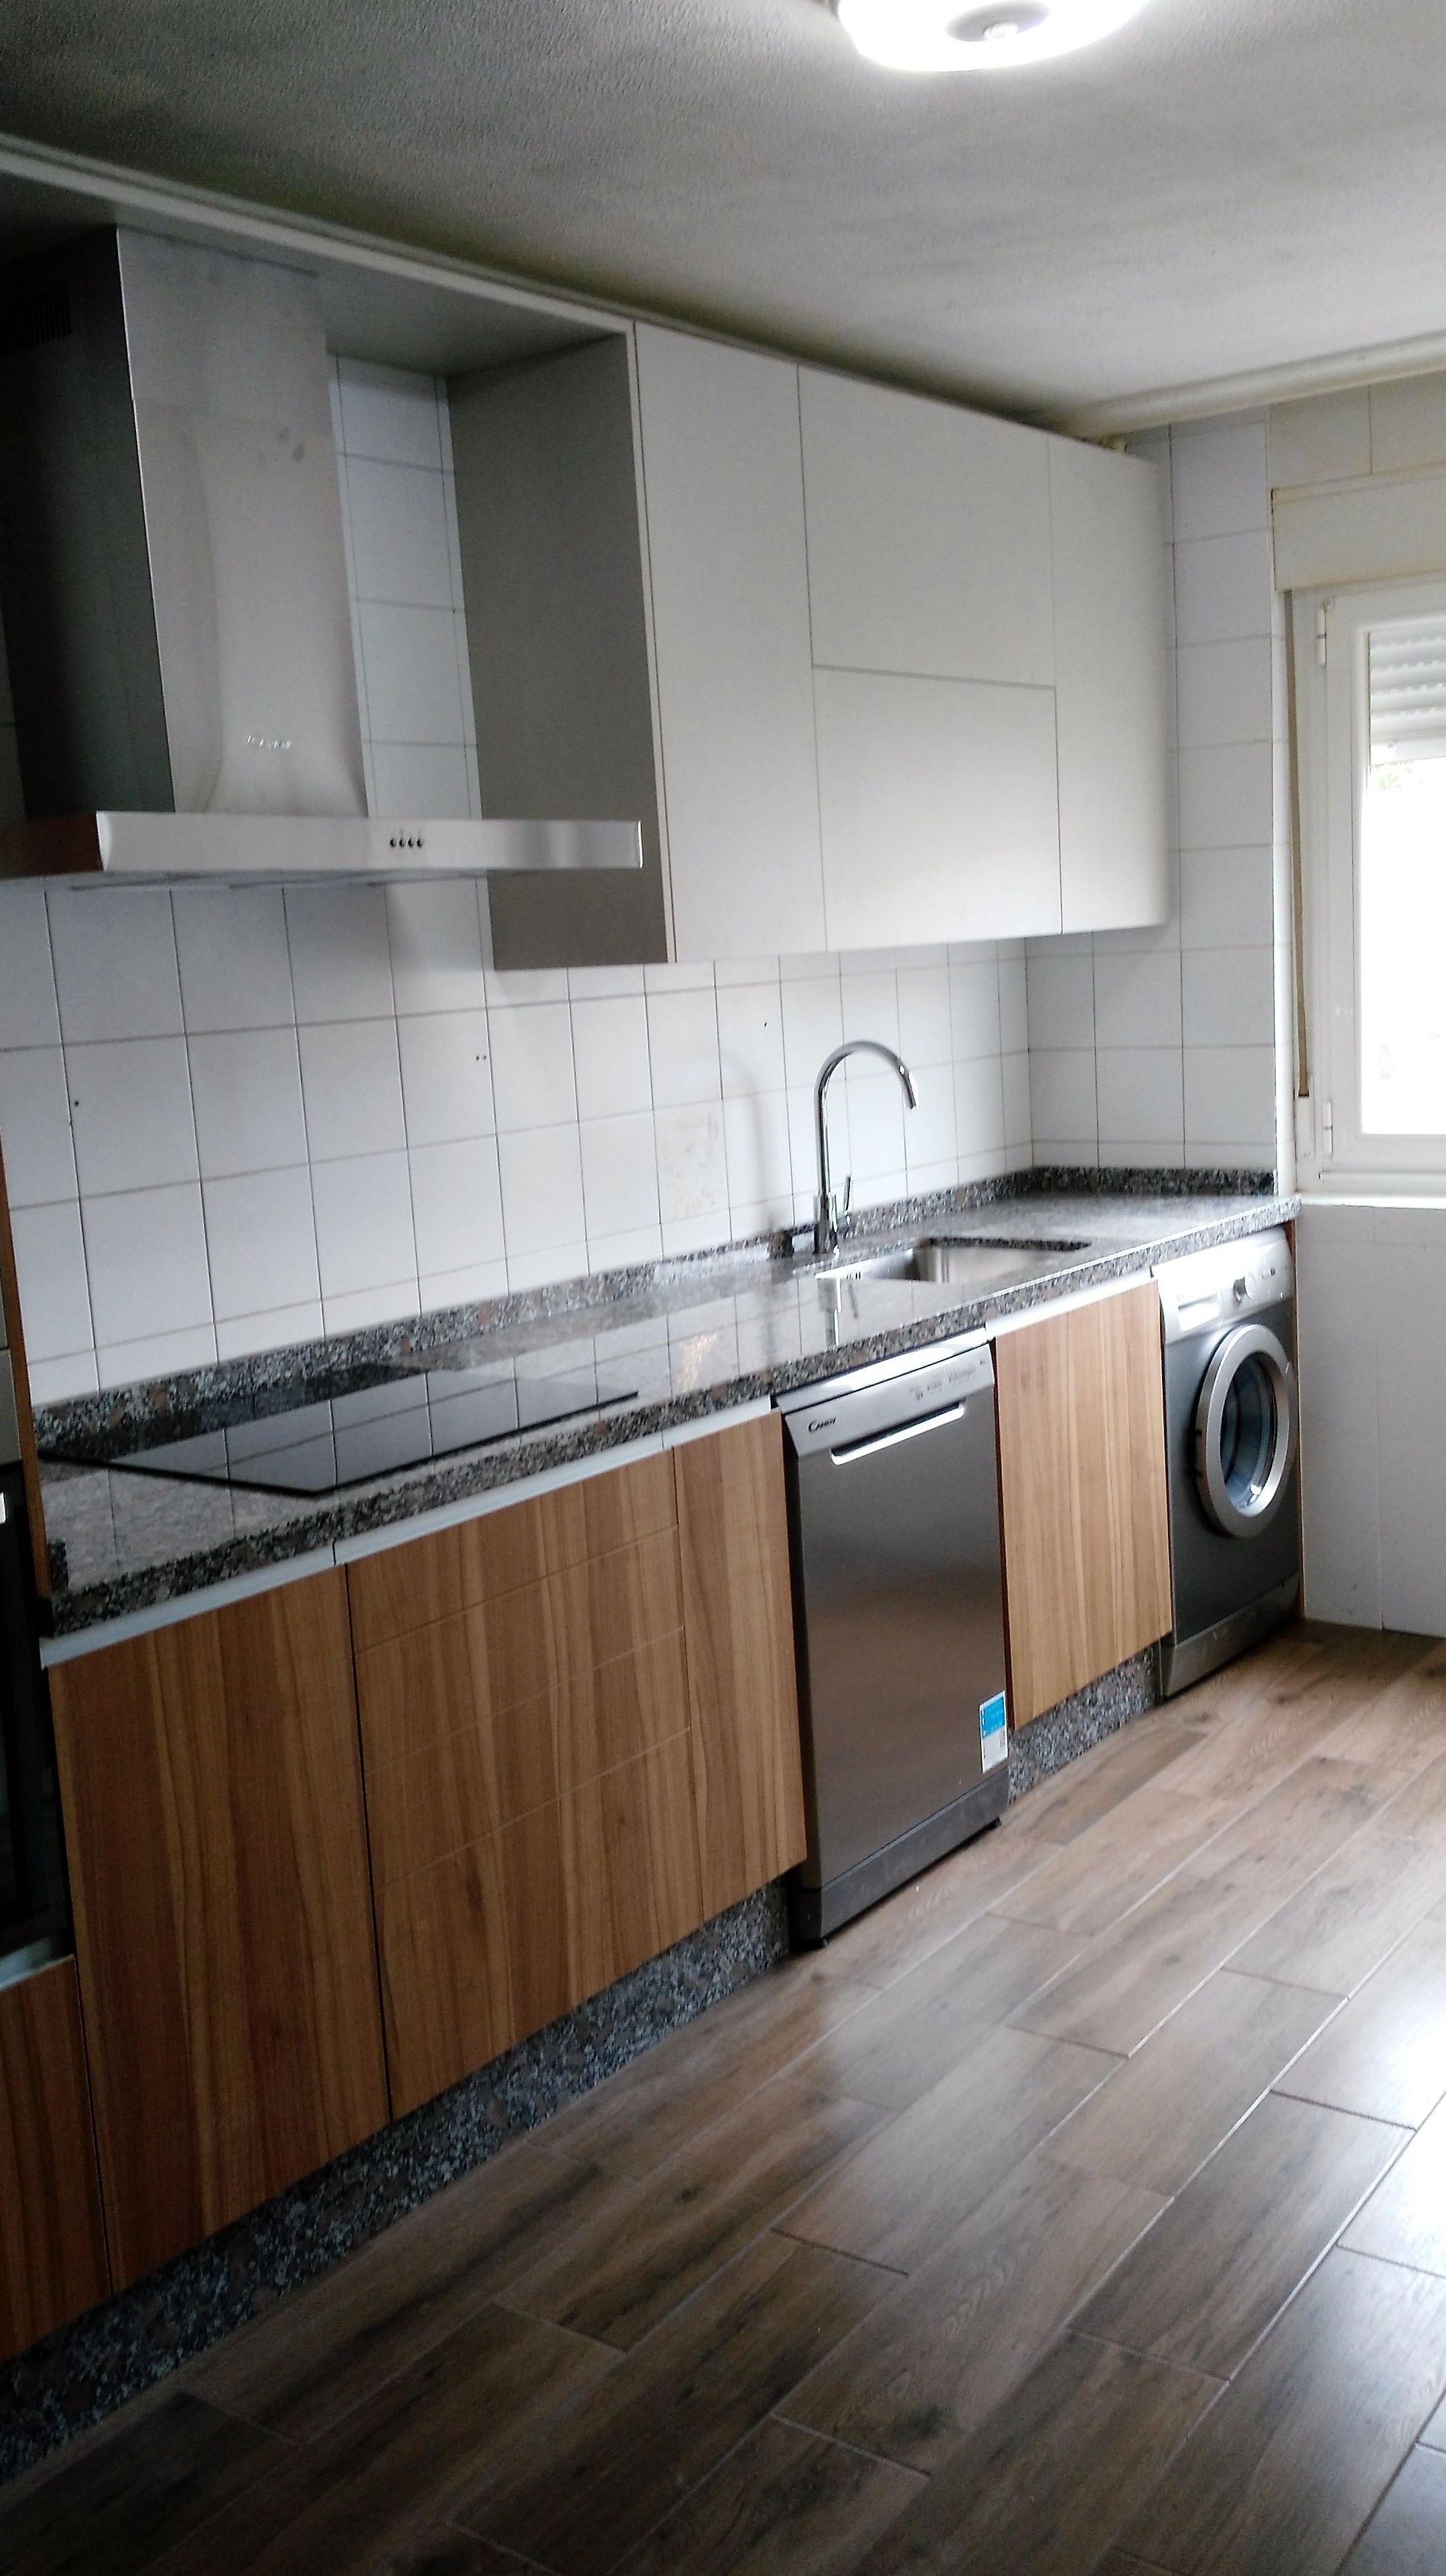 Cocina en madera: Cocinas y baños de F. Alba, cocinas y baños